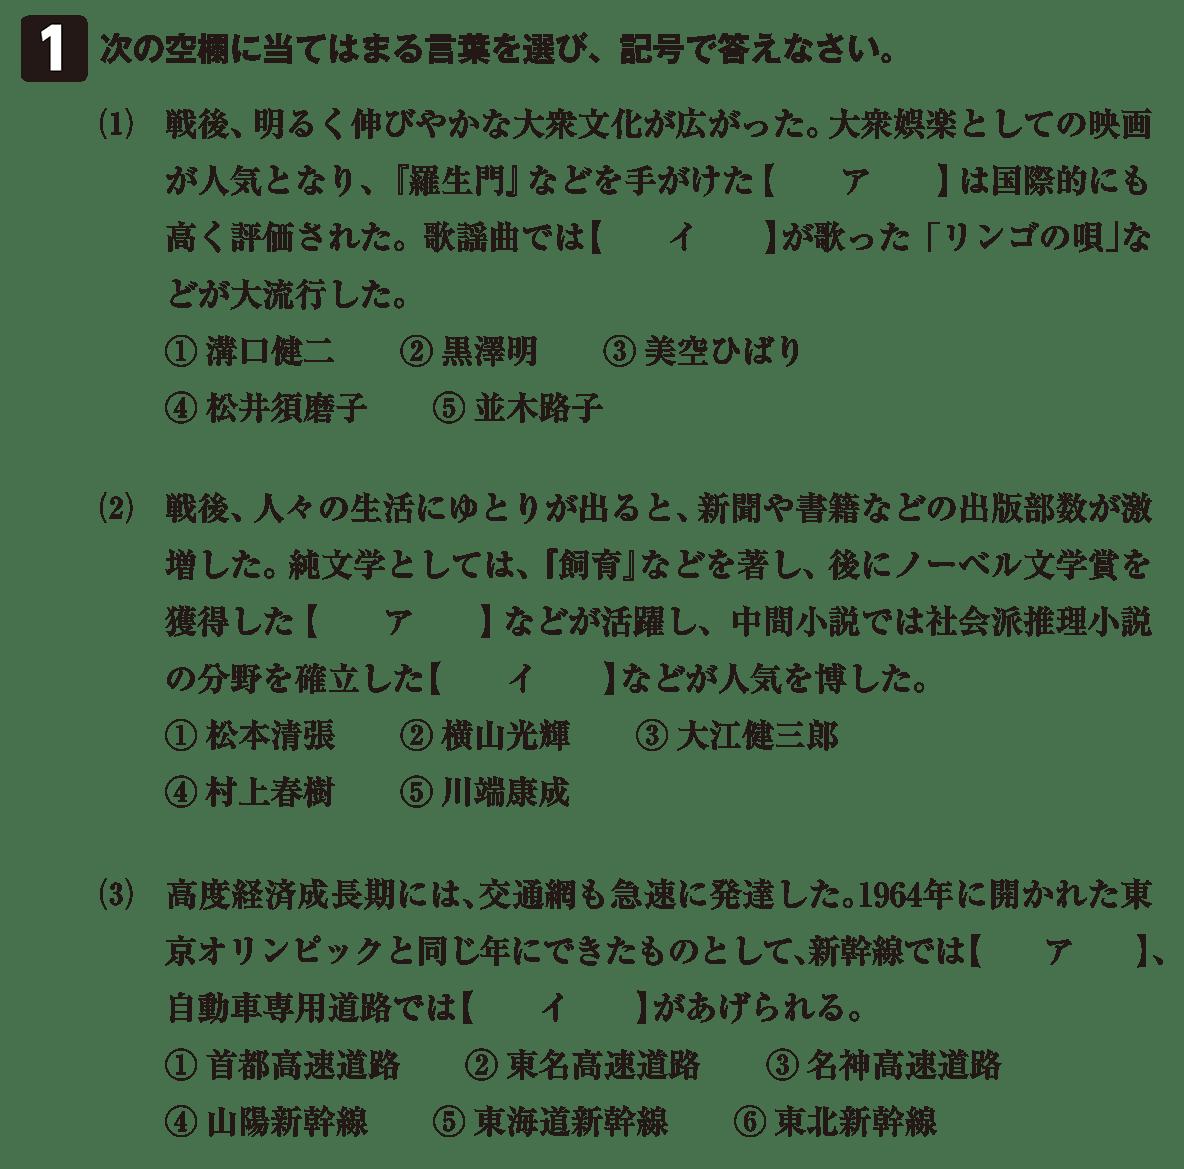 近現代の文化36 問題1 問題